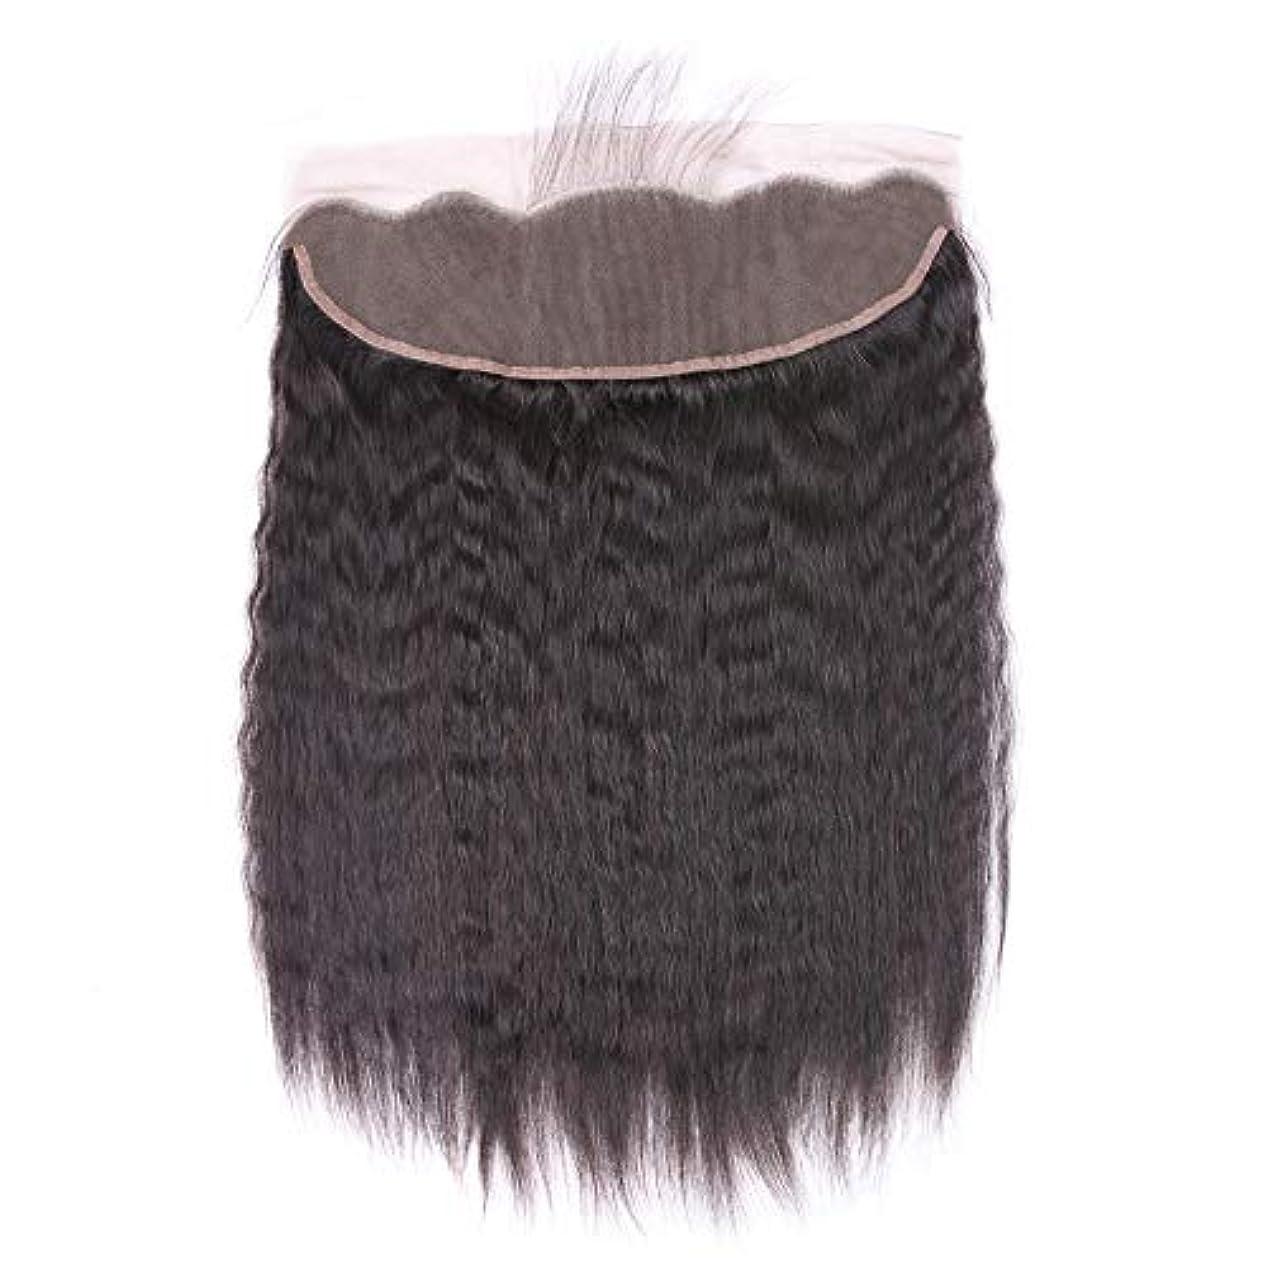 補充拒絶する統合するWASAIO 短いストレートヘアブラジル13 * 4トップレース前頭閉鎖焼きそばストレートバージン人間の髪の毛の自然な色 (色 : 黒, サイズ : 12 inch)